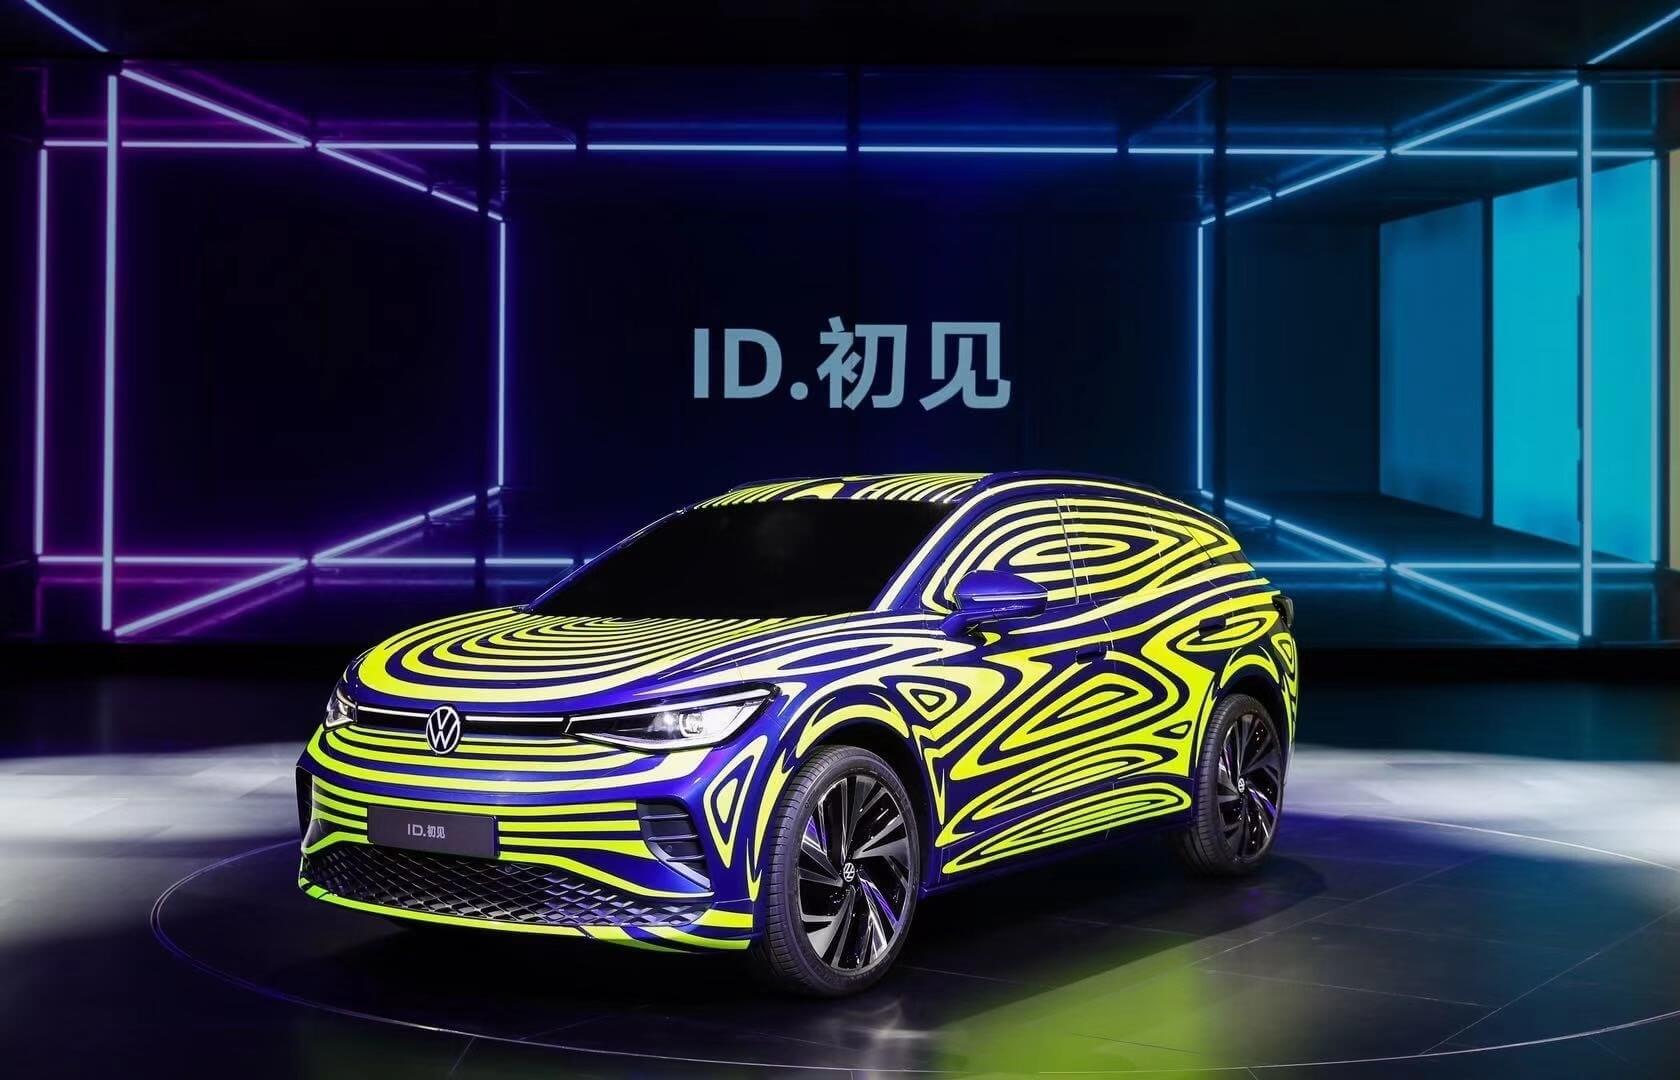 Электрический кроссовер Volkswagen ID. Next для китайского рынка